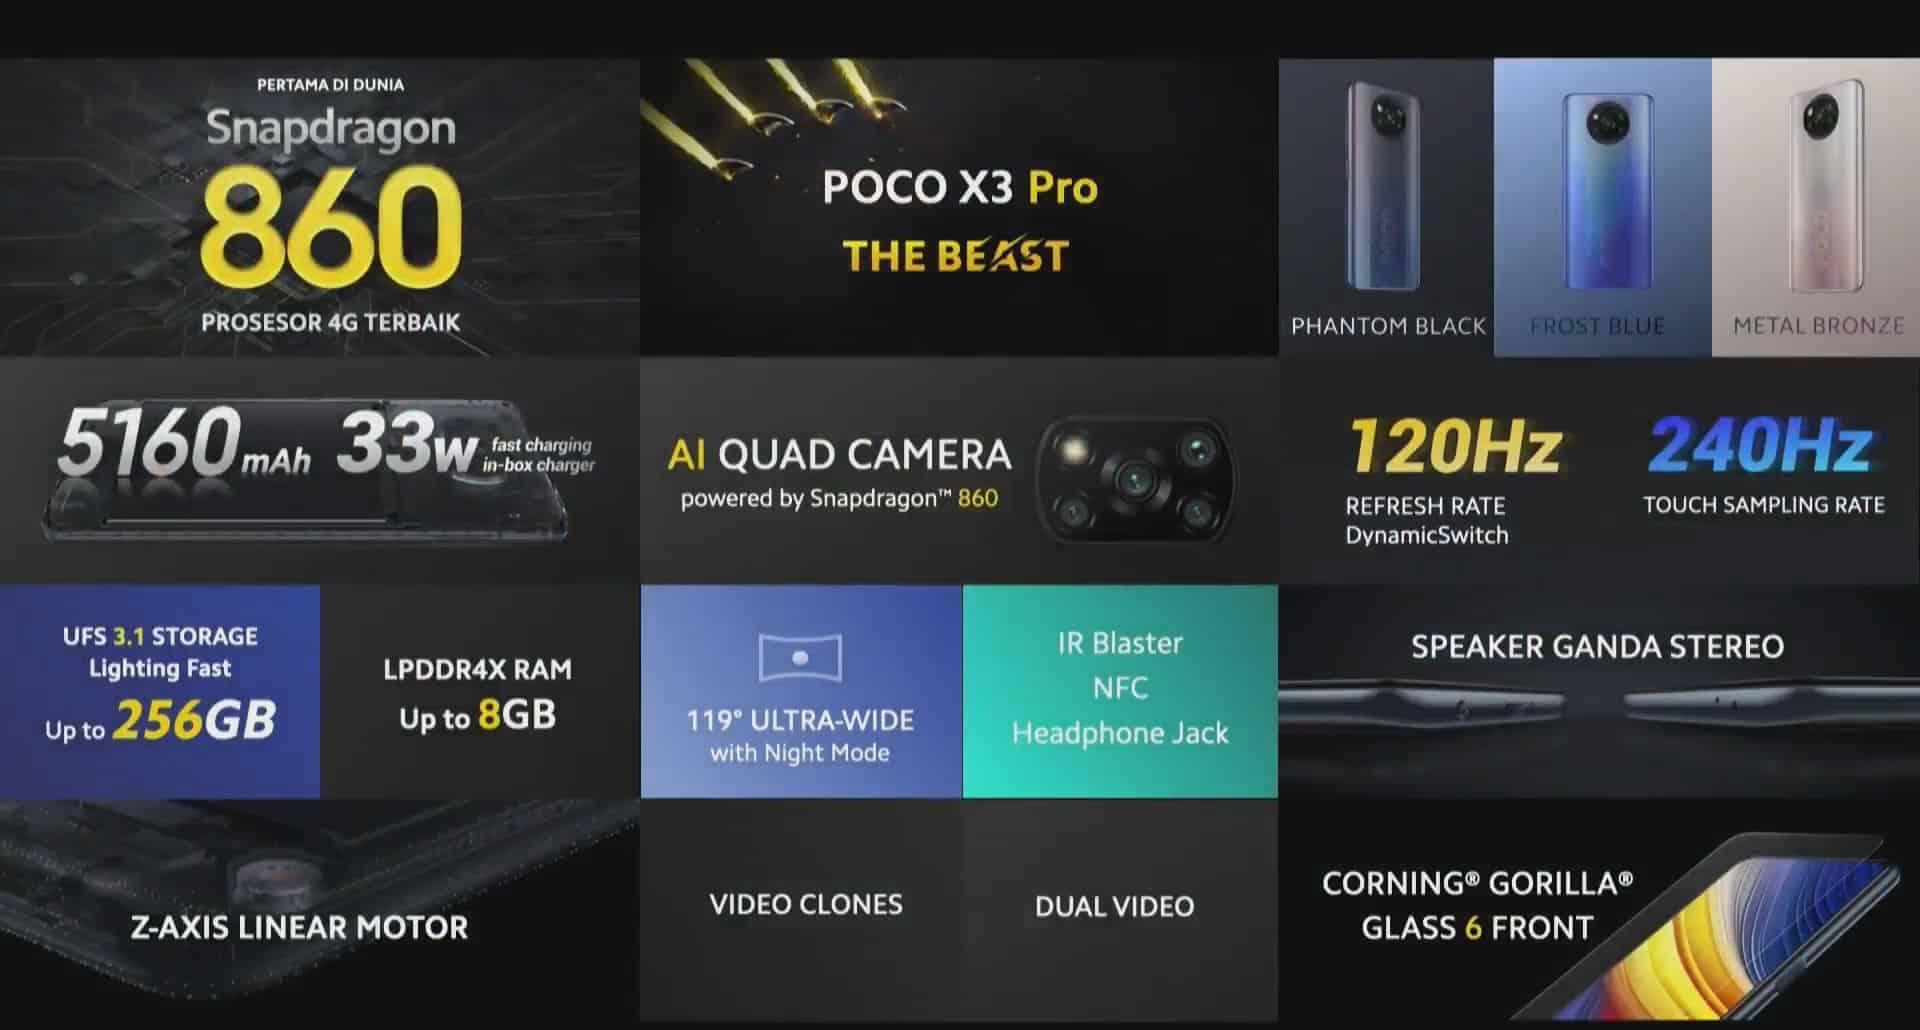 Spesifiaksi POCO X3 Pro